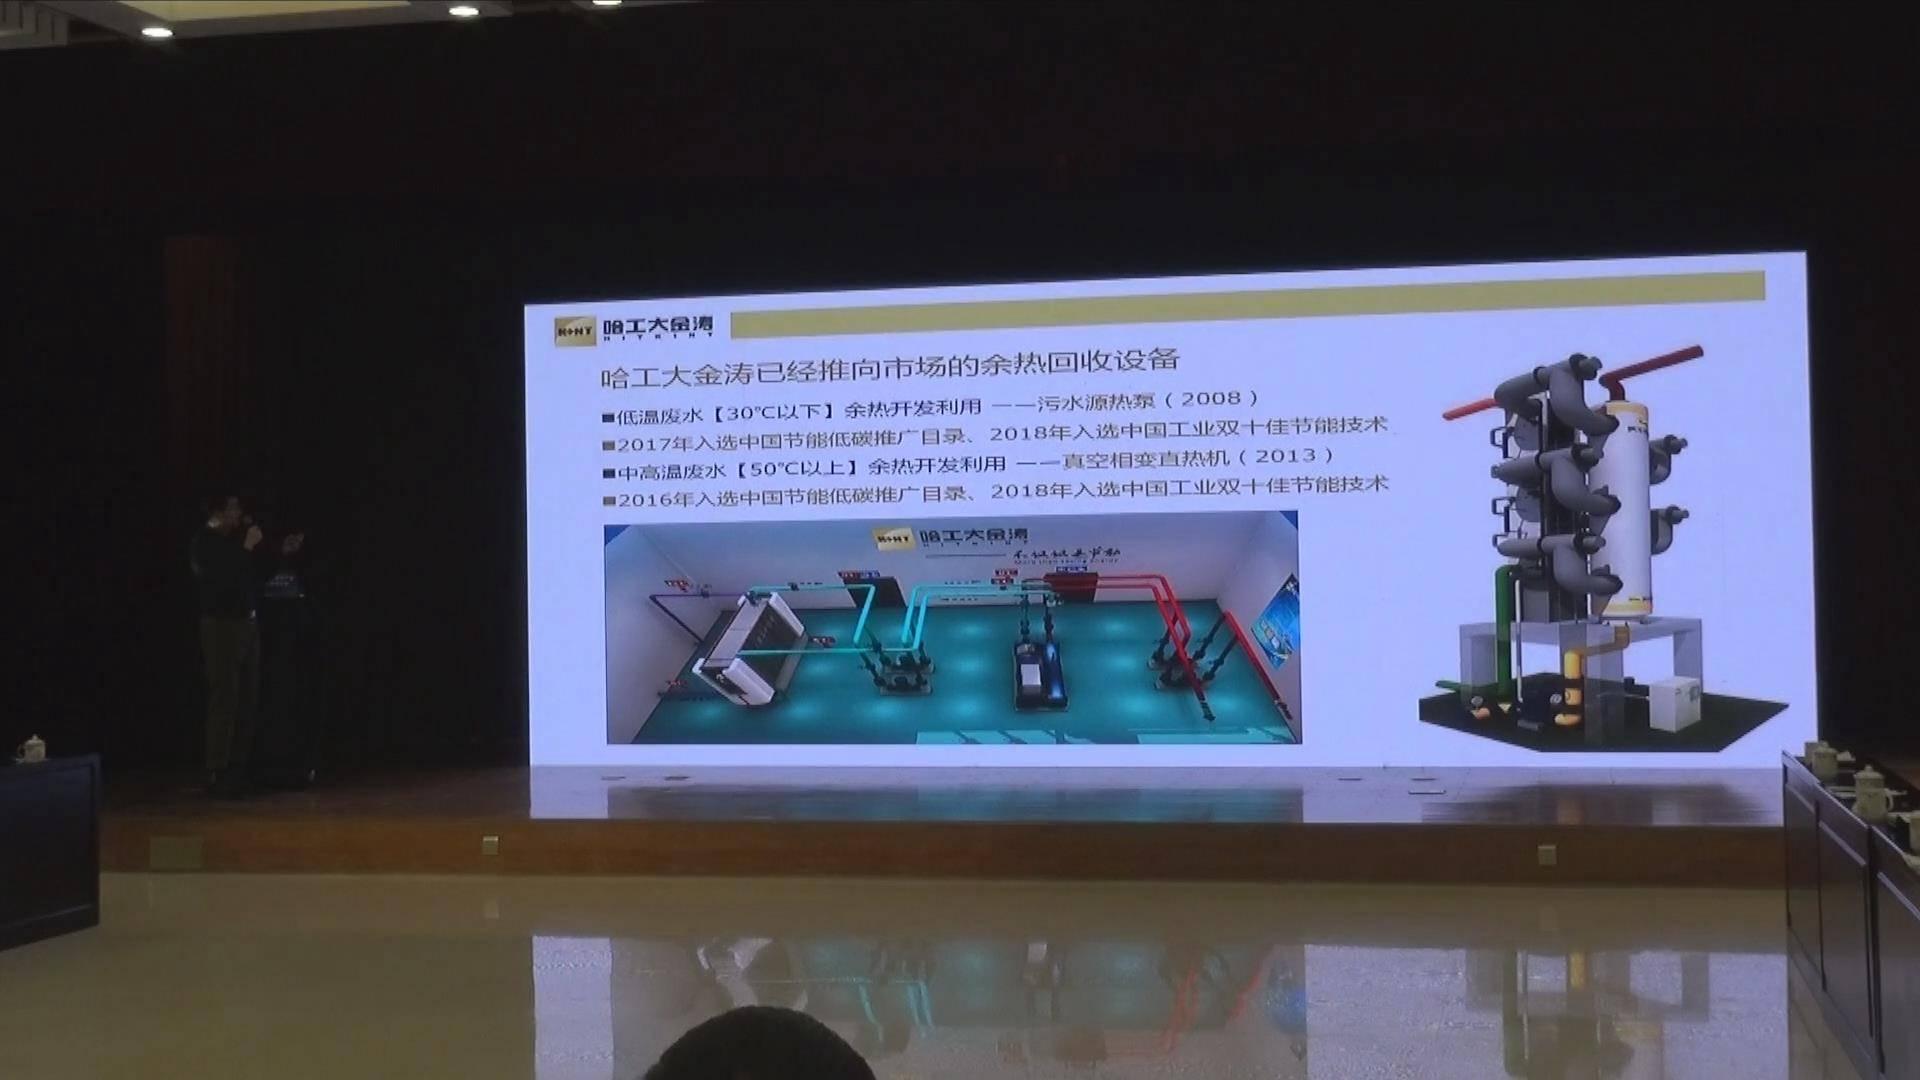 宋乃秋:哈尔滨工业大学金涛科技股份公司余热余能综合利用技术